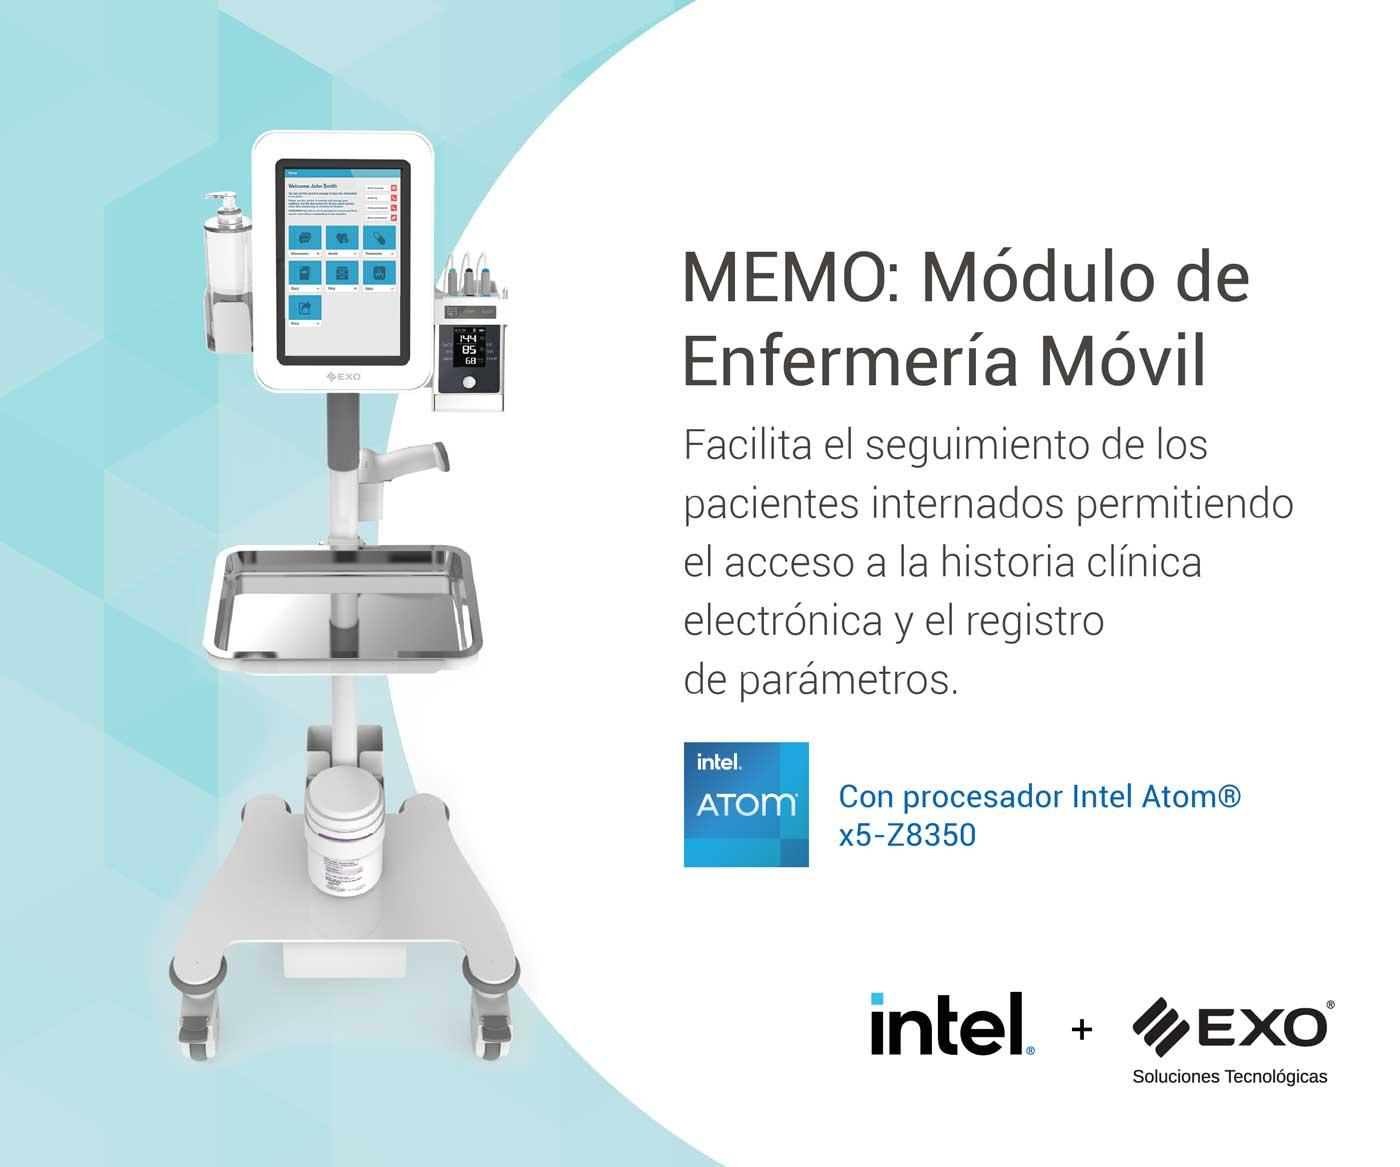 Módulo de enfermería móvil con gestión inteligente de medicación para pacientes internados